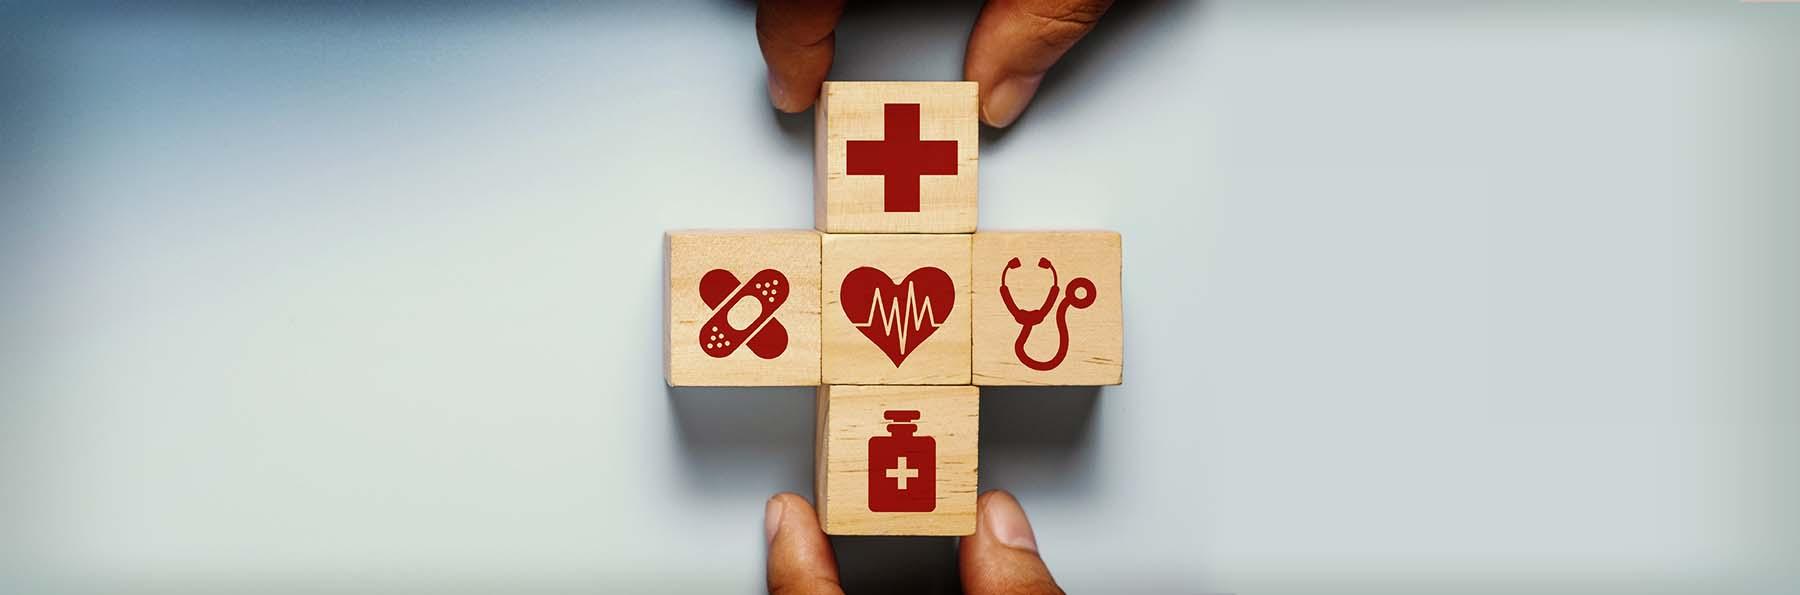 #PlanEspañaPuede Necesita Salud